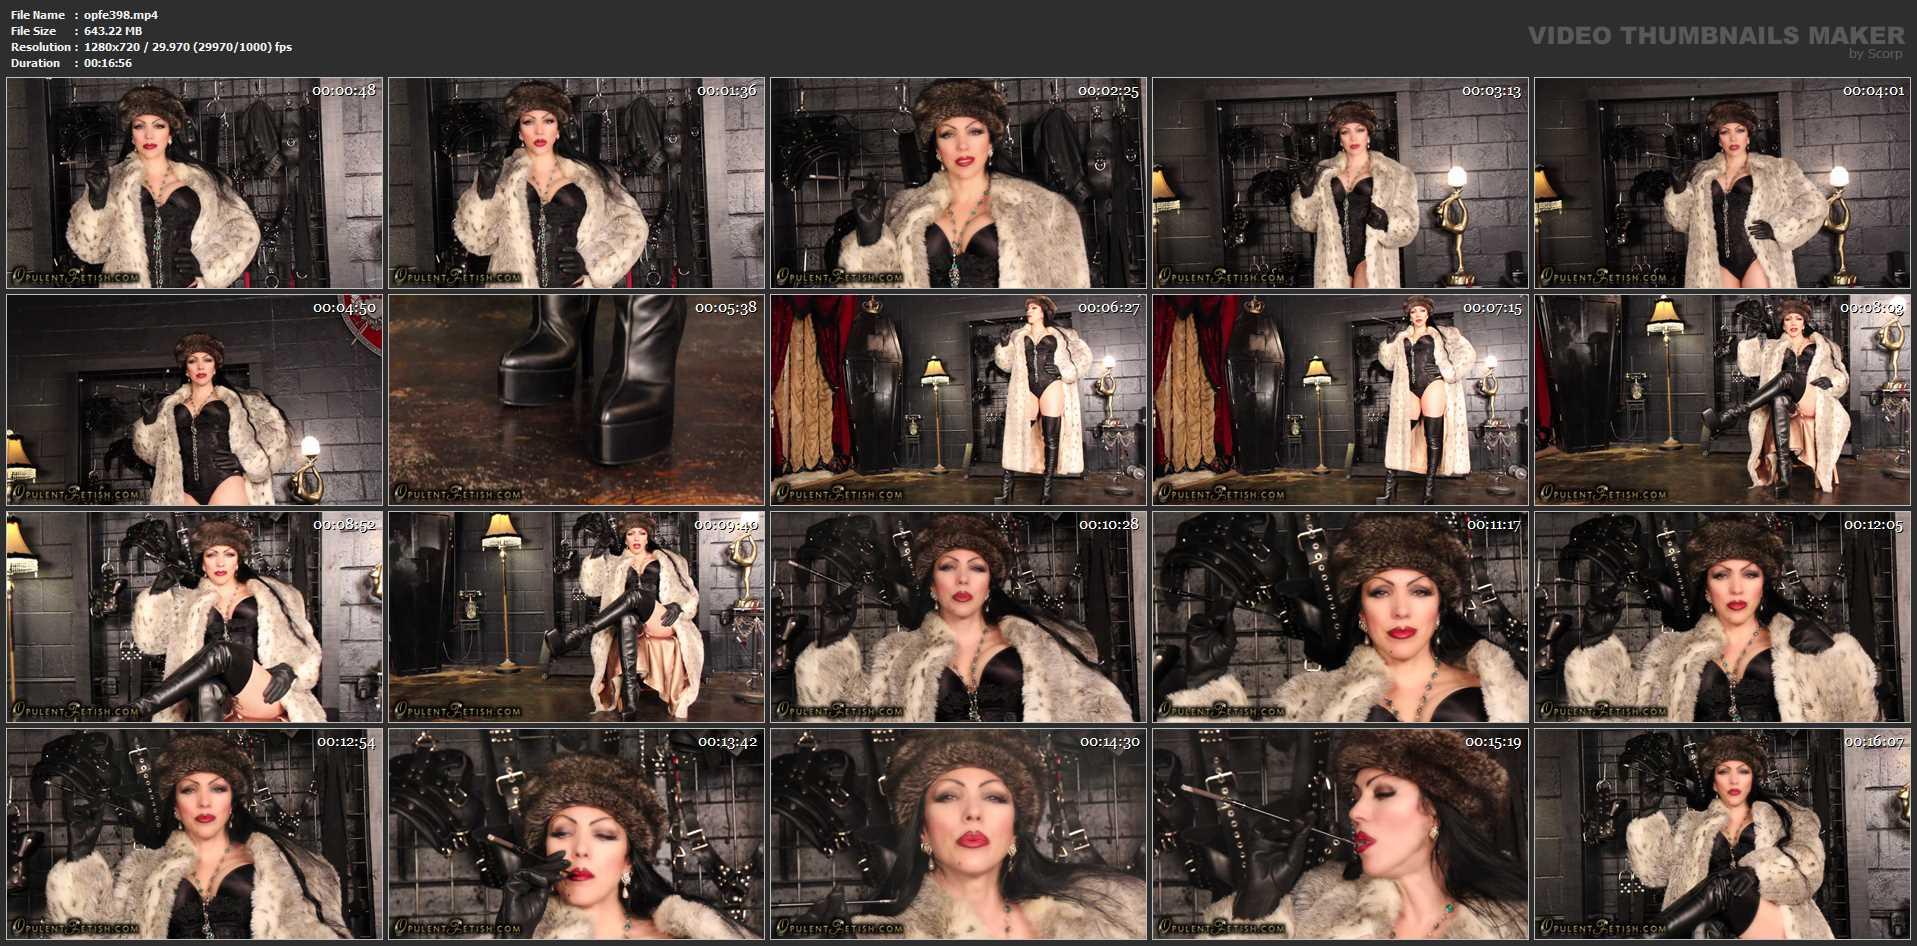 Goddess Cheyenne In Scene: Smoking Venus in Furs - OPULENTFETISH / GODDESSCHEYENNE - HD/720p/MP4